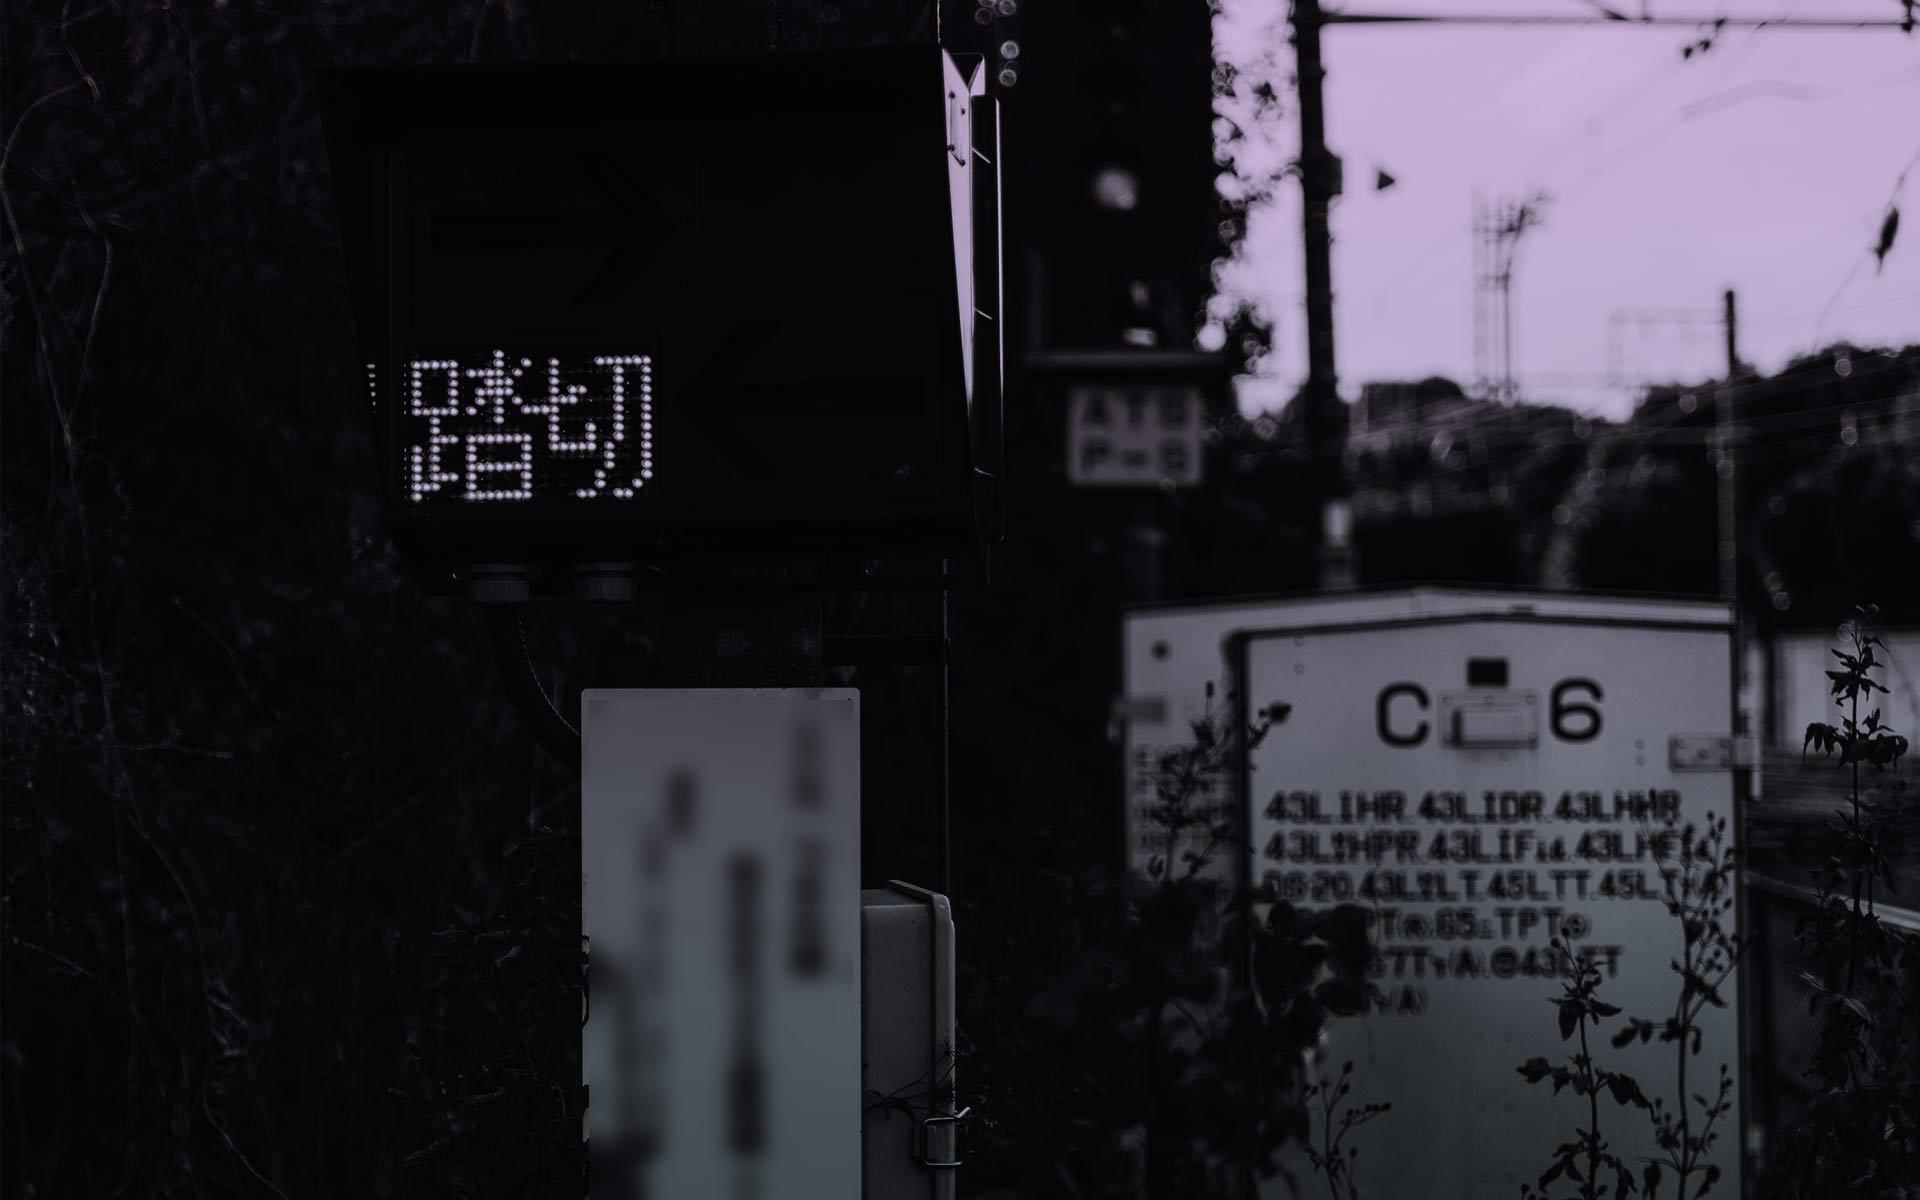 【シリーズ・都市伝説】下半身を失った亡霊「テケテケ」